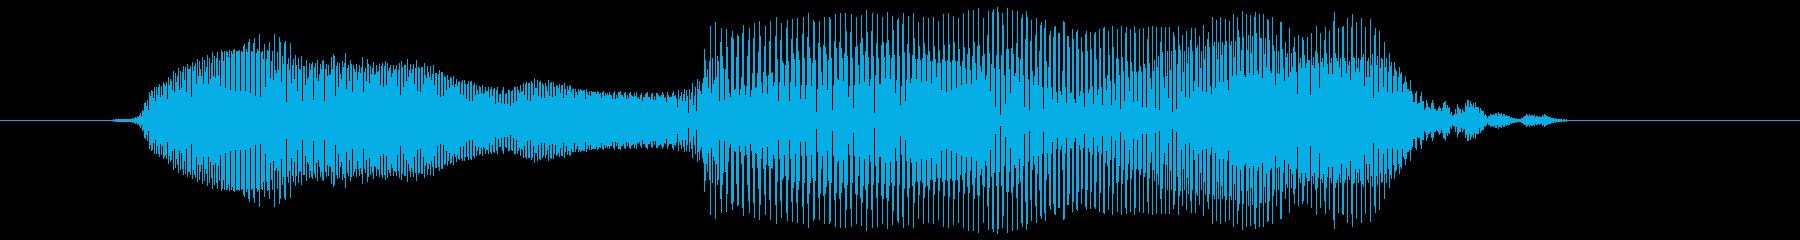 うまい!2【ロリキャラの褒めボイス】の再生済みの波形